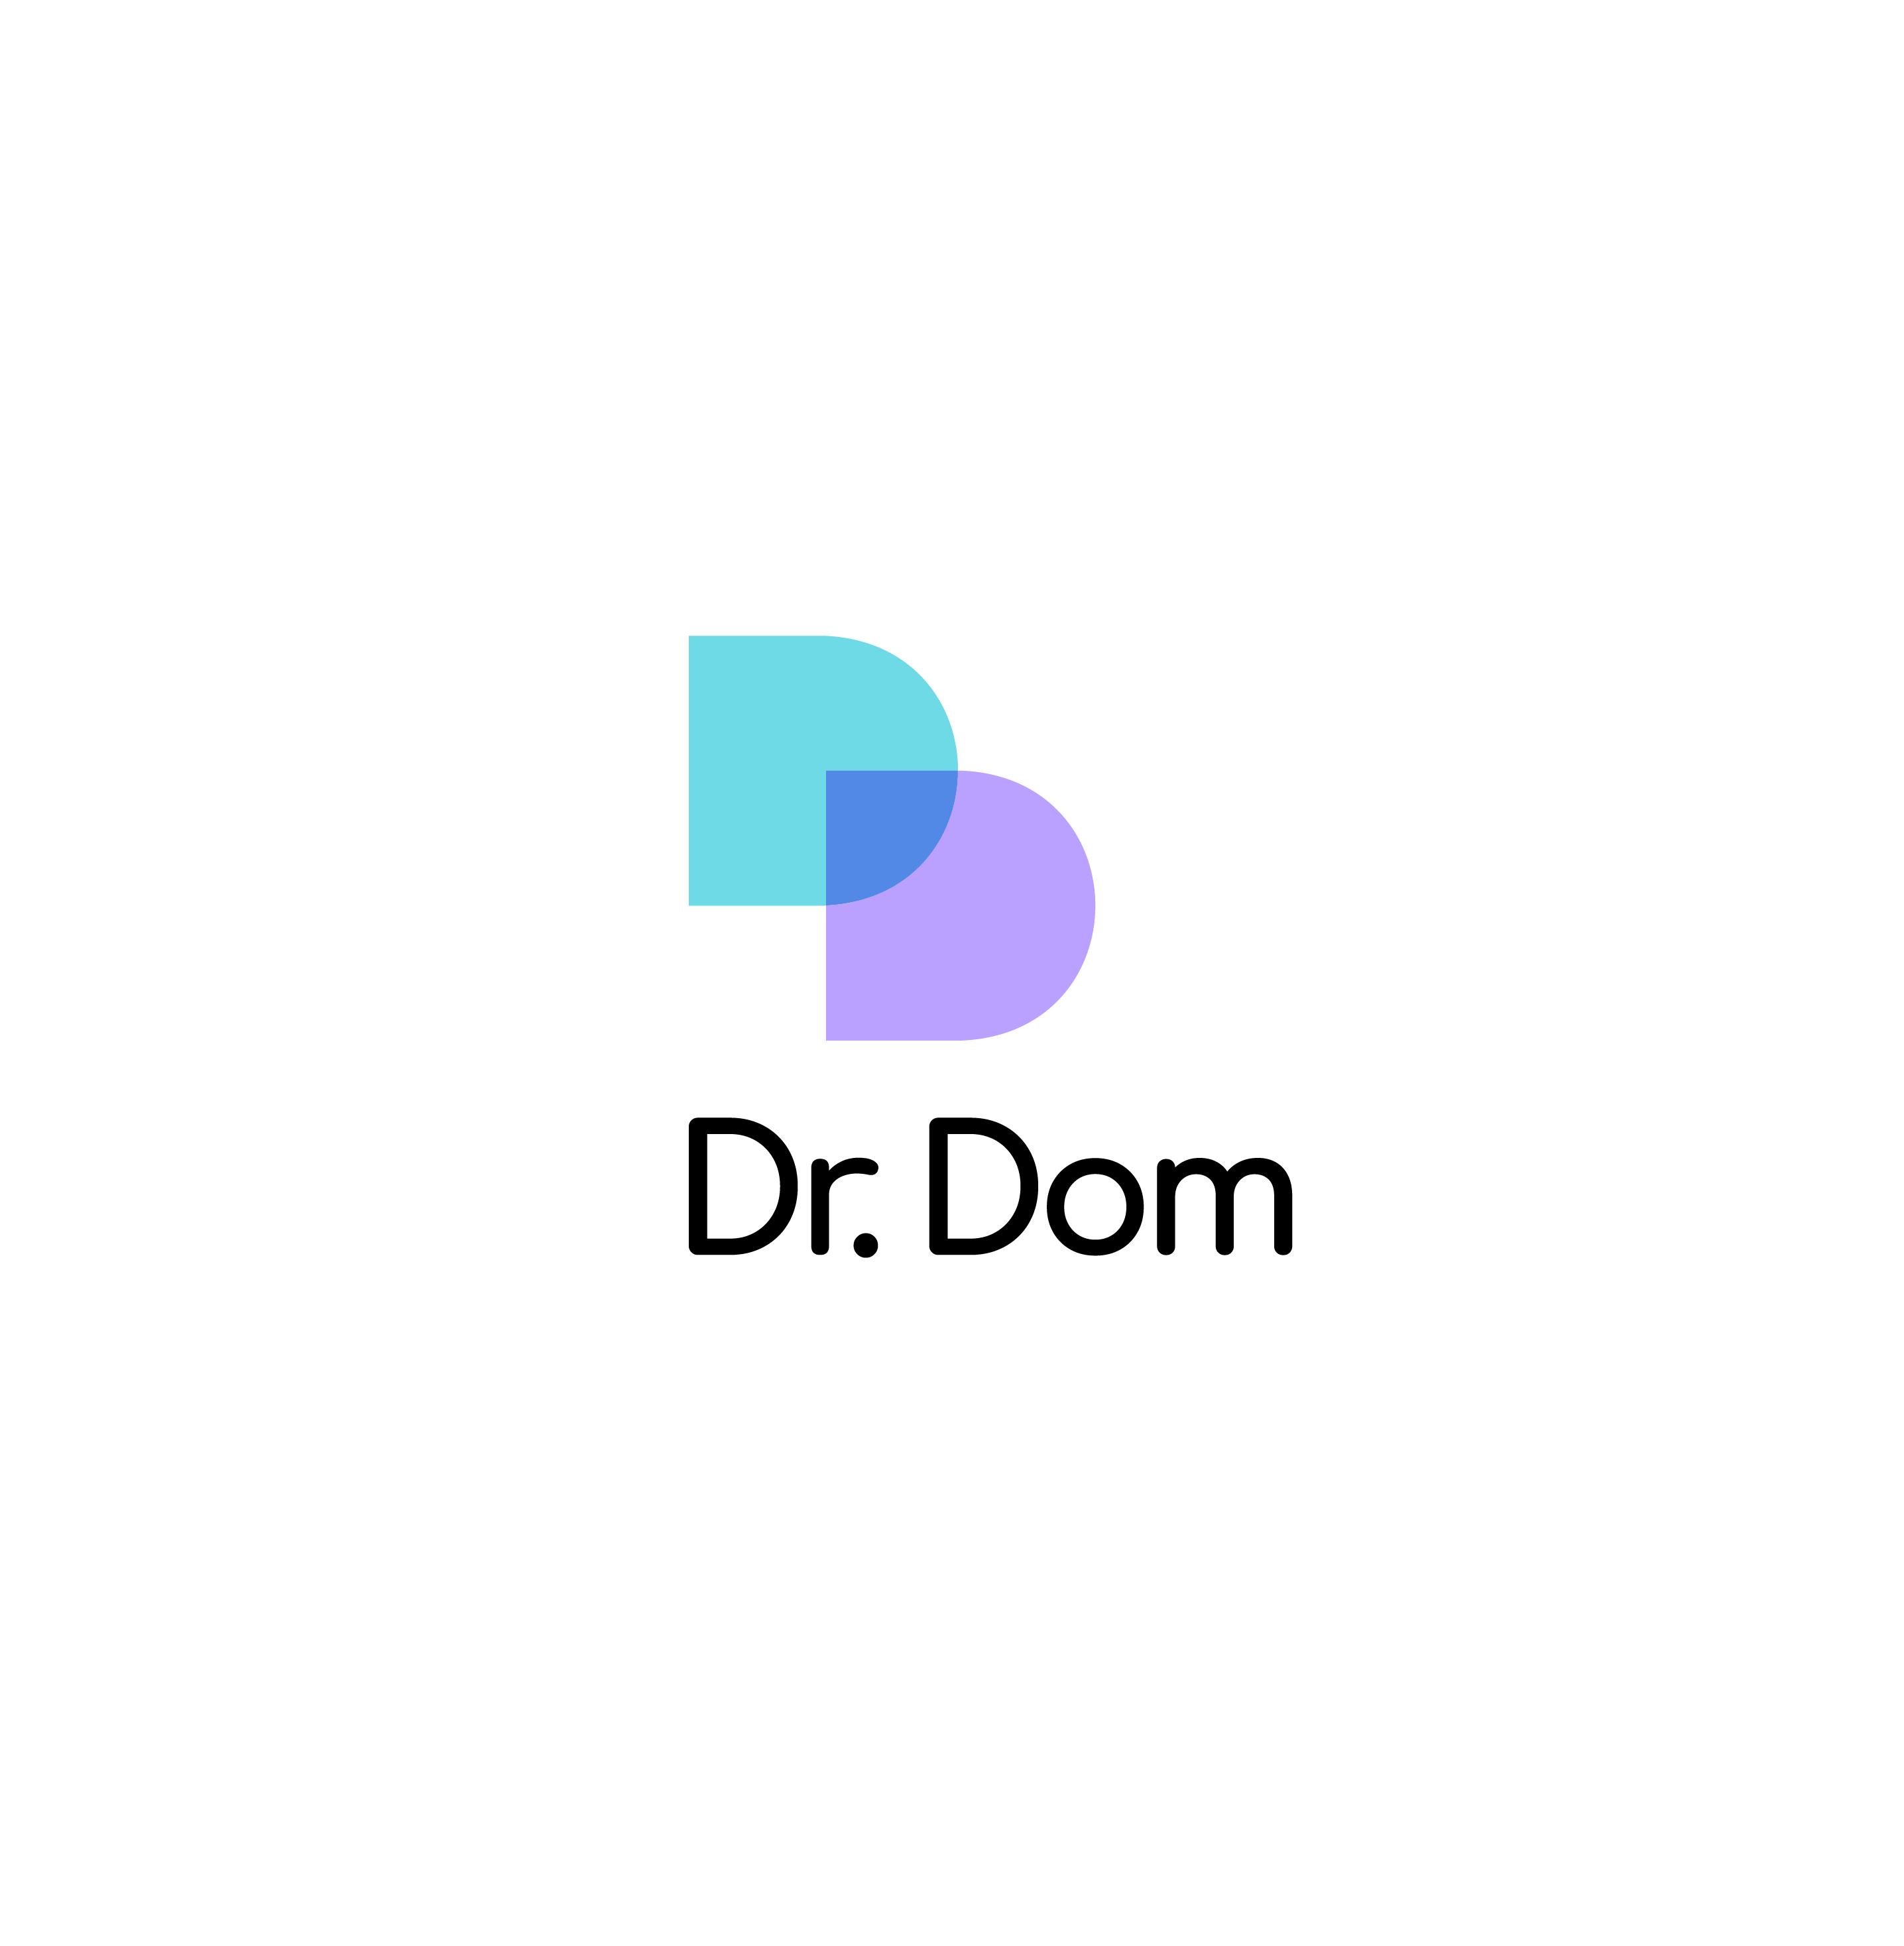 Разработать логотип для сети магазинов бытовой химии и товаров для уборки фото f_3055fffb367dfaa4.jpg